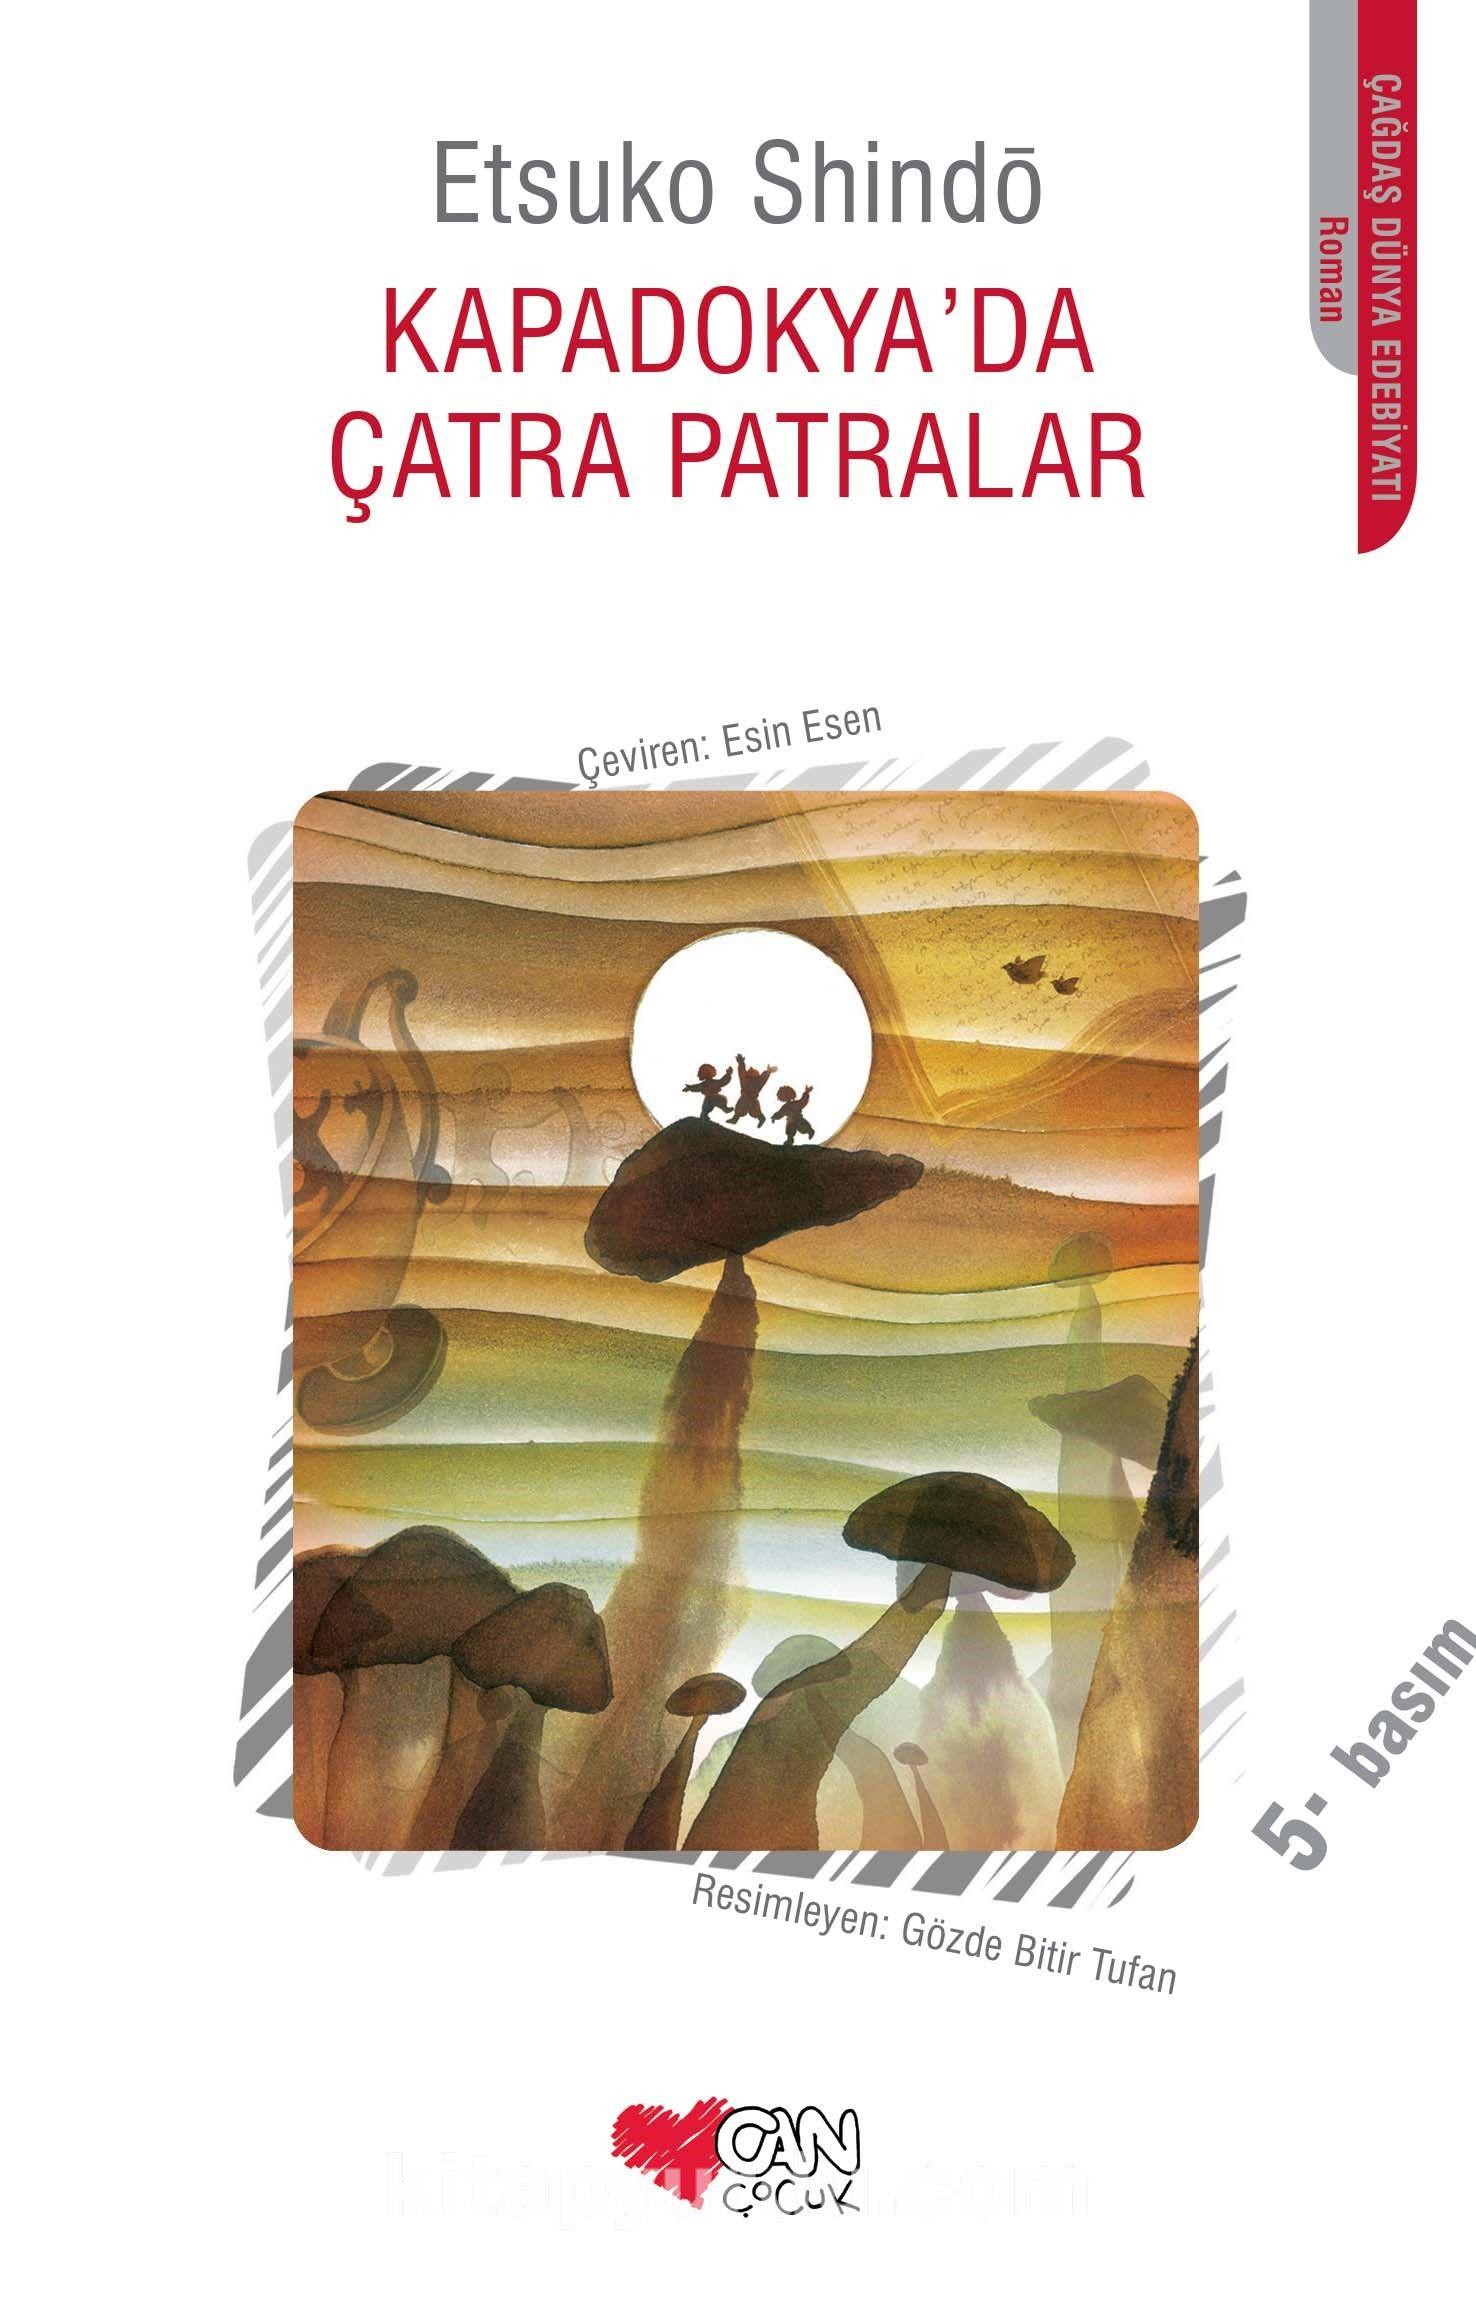 Kapadokya'da Çatra Patralar - Etsuko Shindö pdf epub